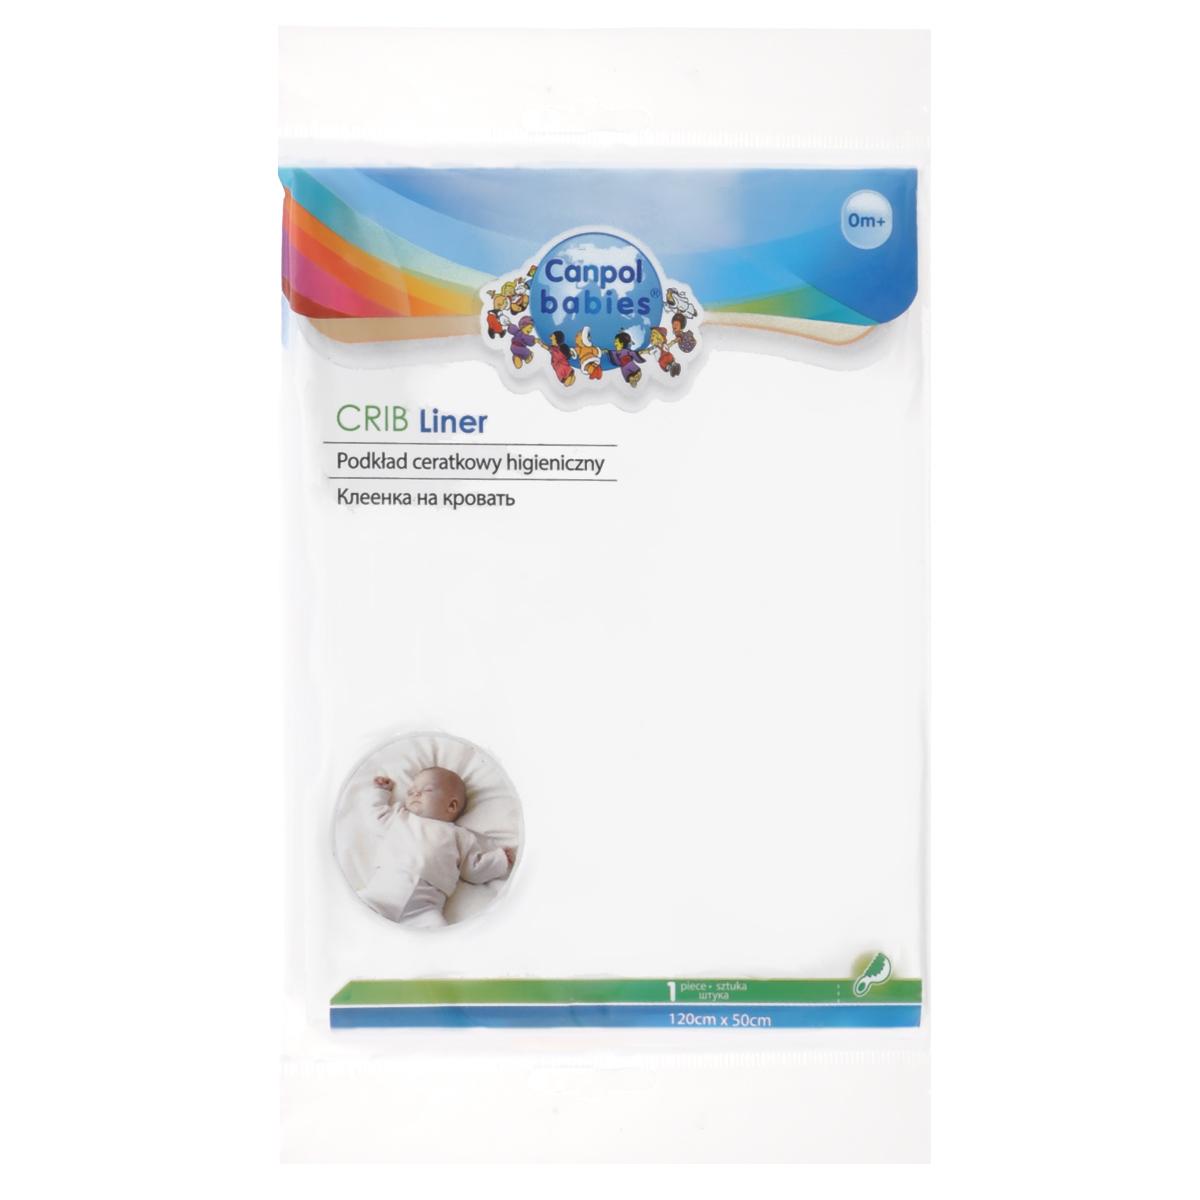 Canpol Babies Гигиеническая клеенка на кровать, 120 см х 50 см